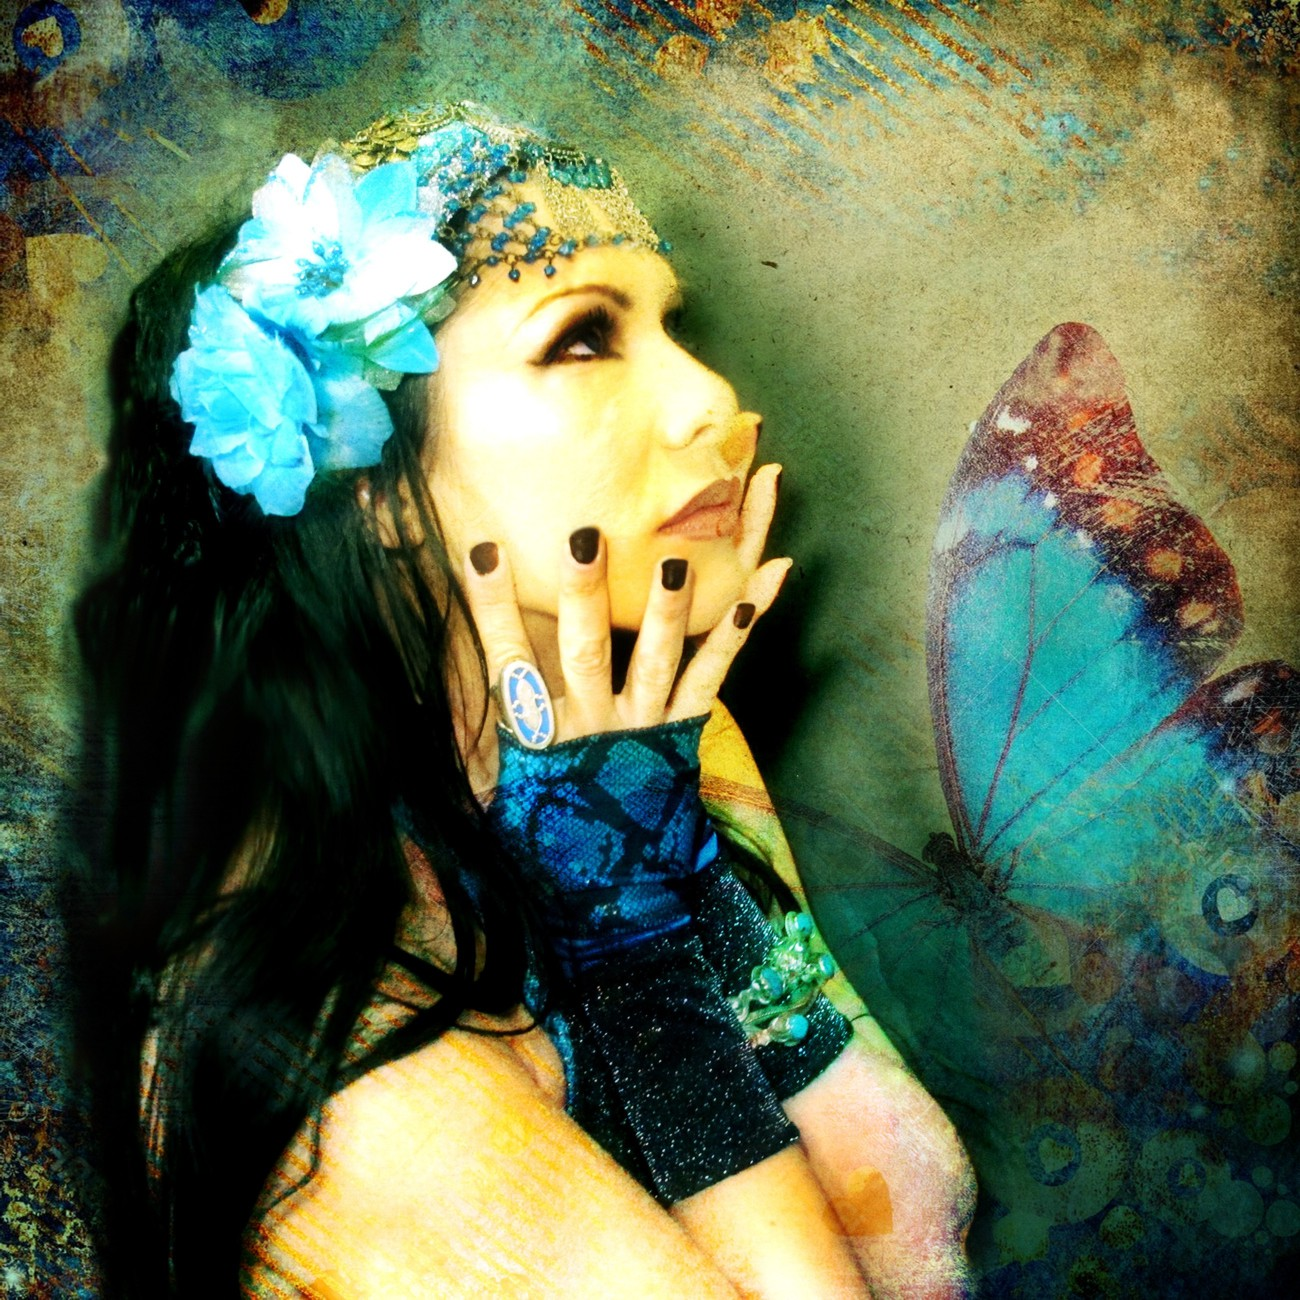 Blue_Garden_2 pek